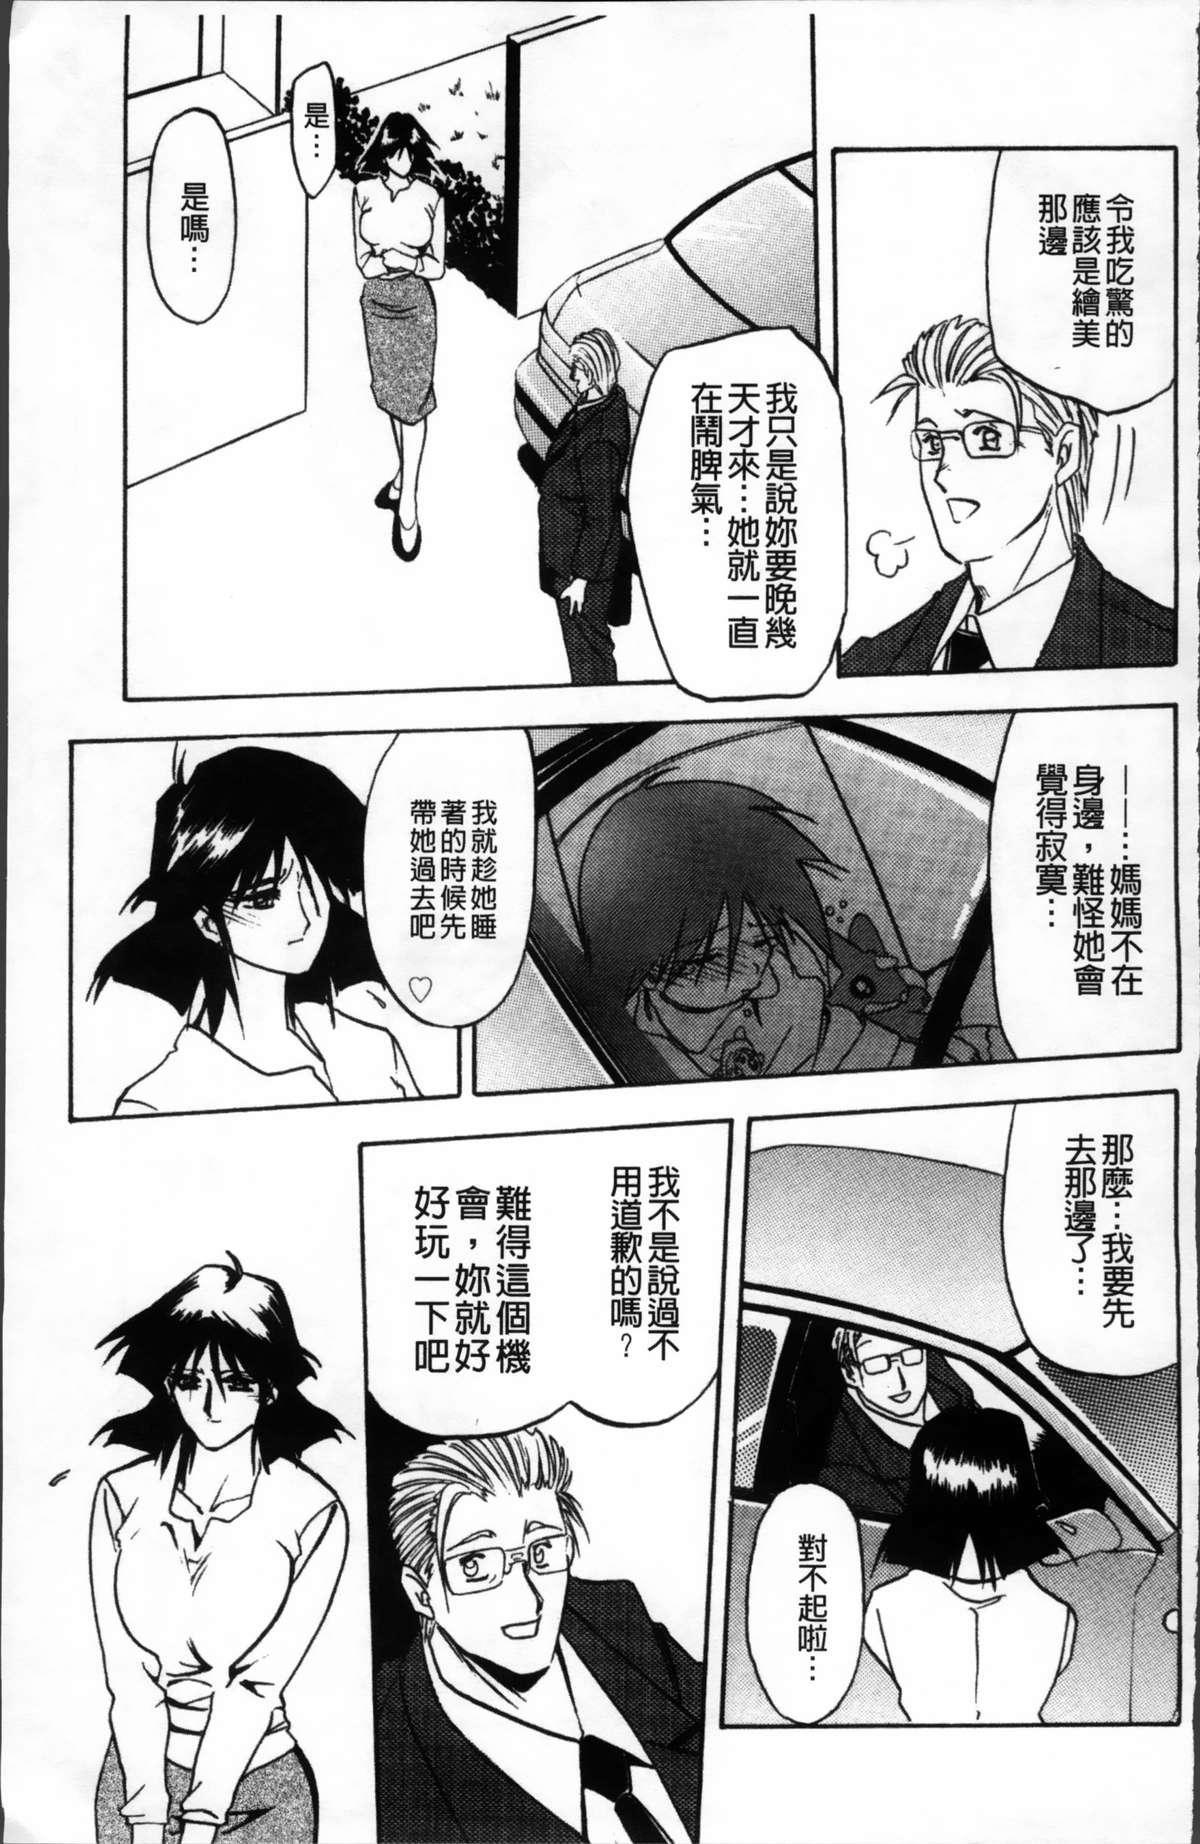 Hiiro no Koku Kanzenban   緋色之刻 完全版 128